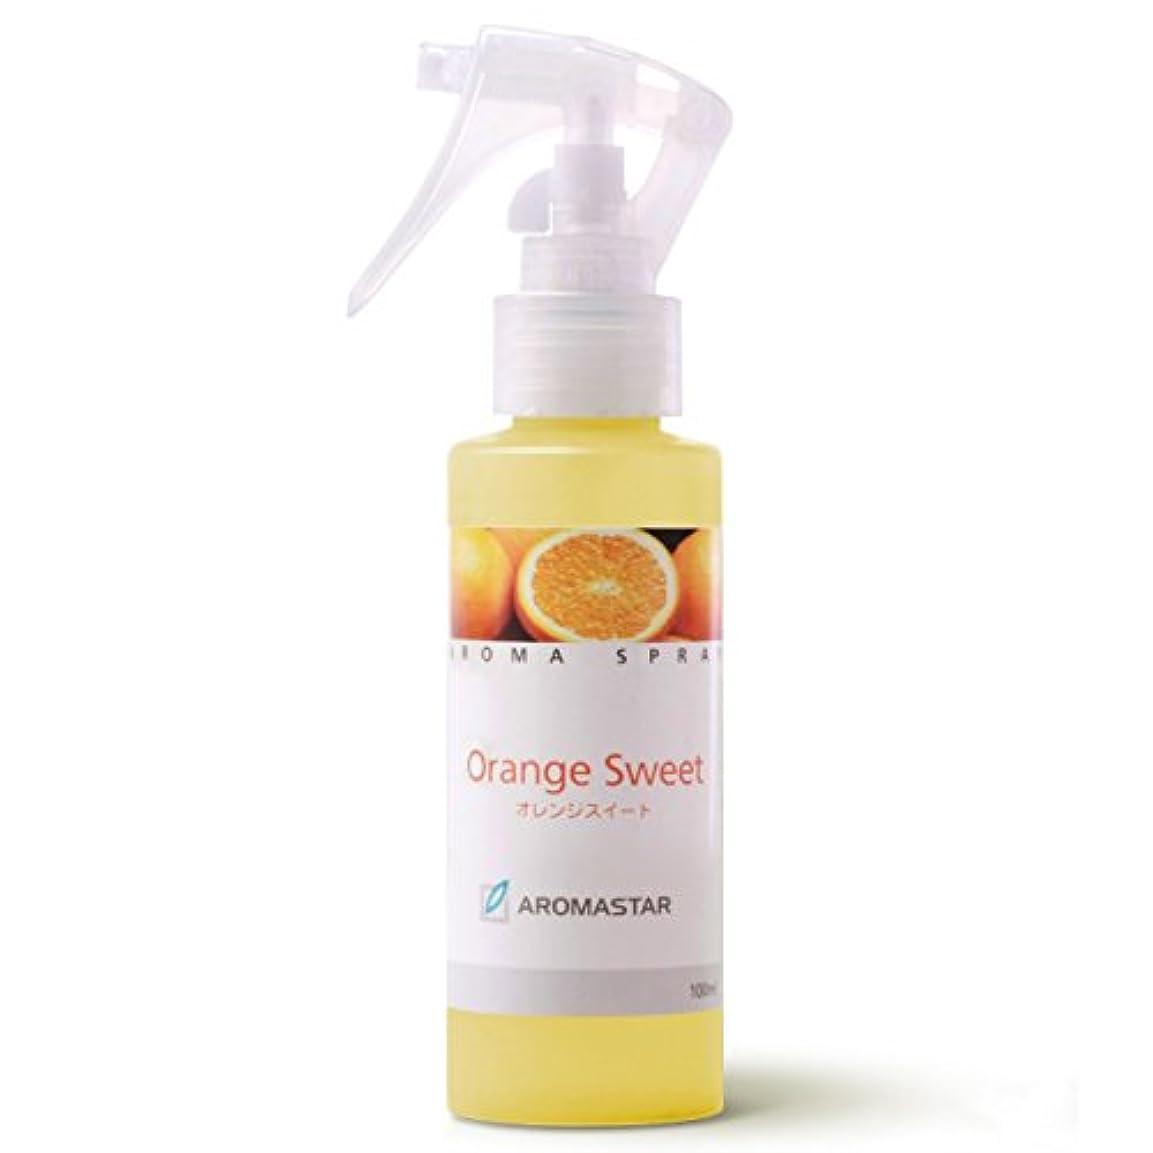 化学薬品ノベルティベスト天然の香りのアロマスプレー【オレンジ】100ml